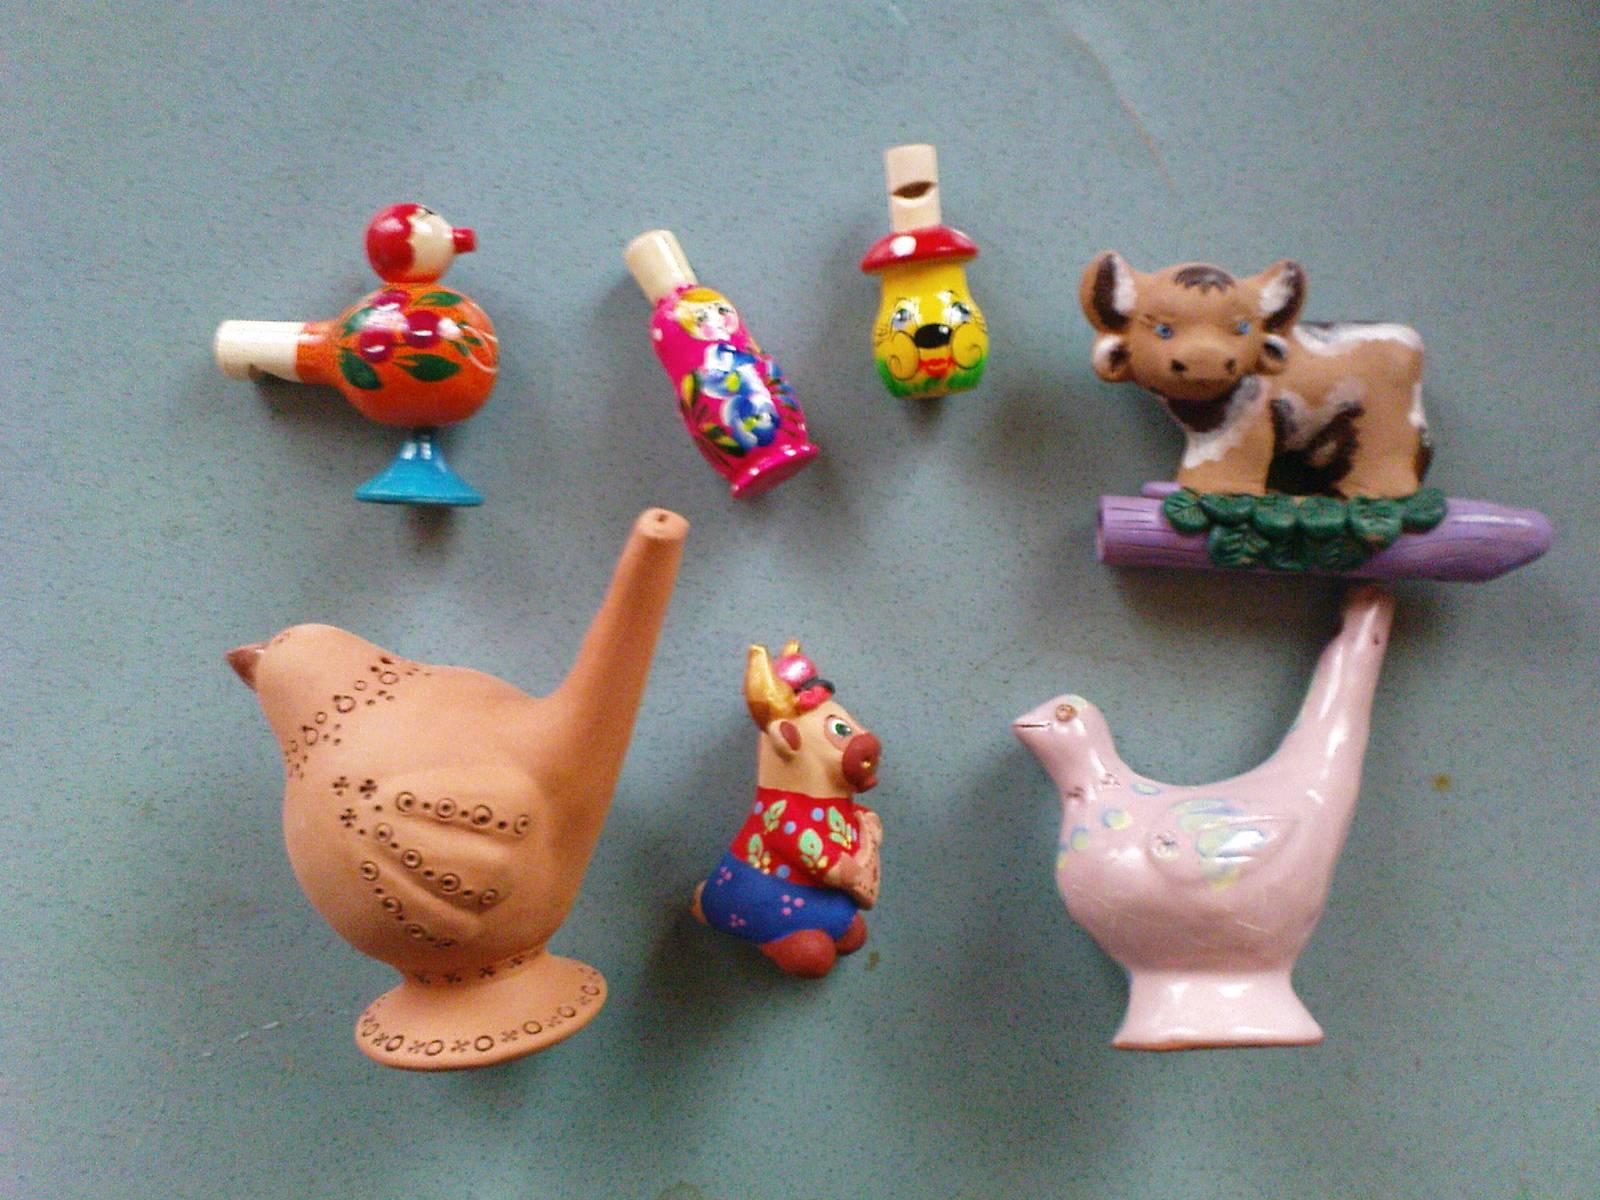 Фото игрушки гуфи резиновый со сфистулькой 15 фотография